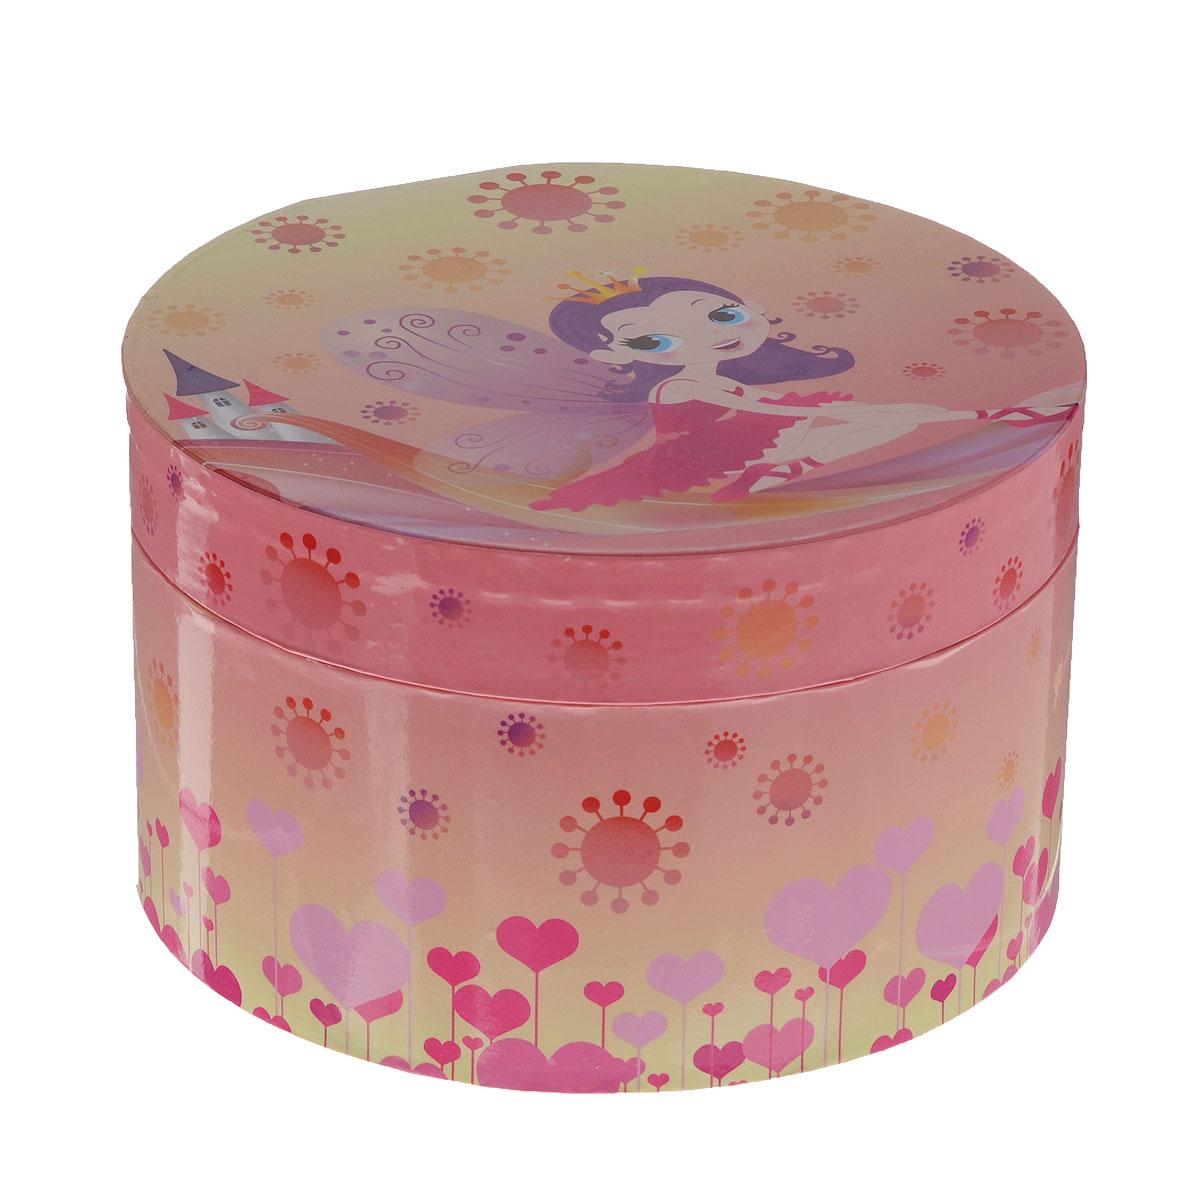 Музыкальная шкатулка Jakos Принцесса, цвет: розовый, желтый lamaze музыкальная игра лев логан звук мелодия lamaze